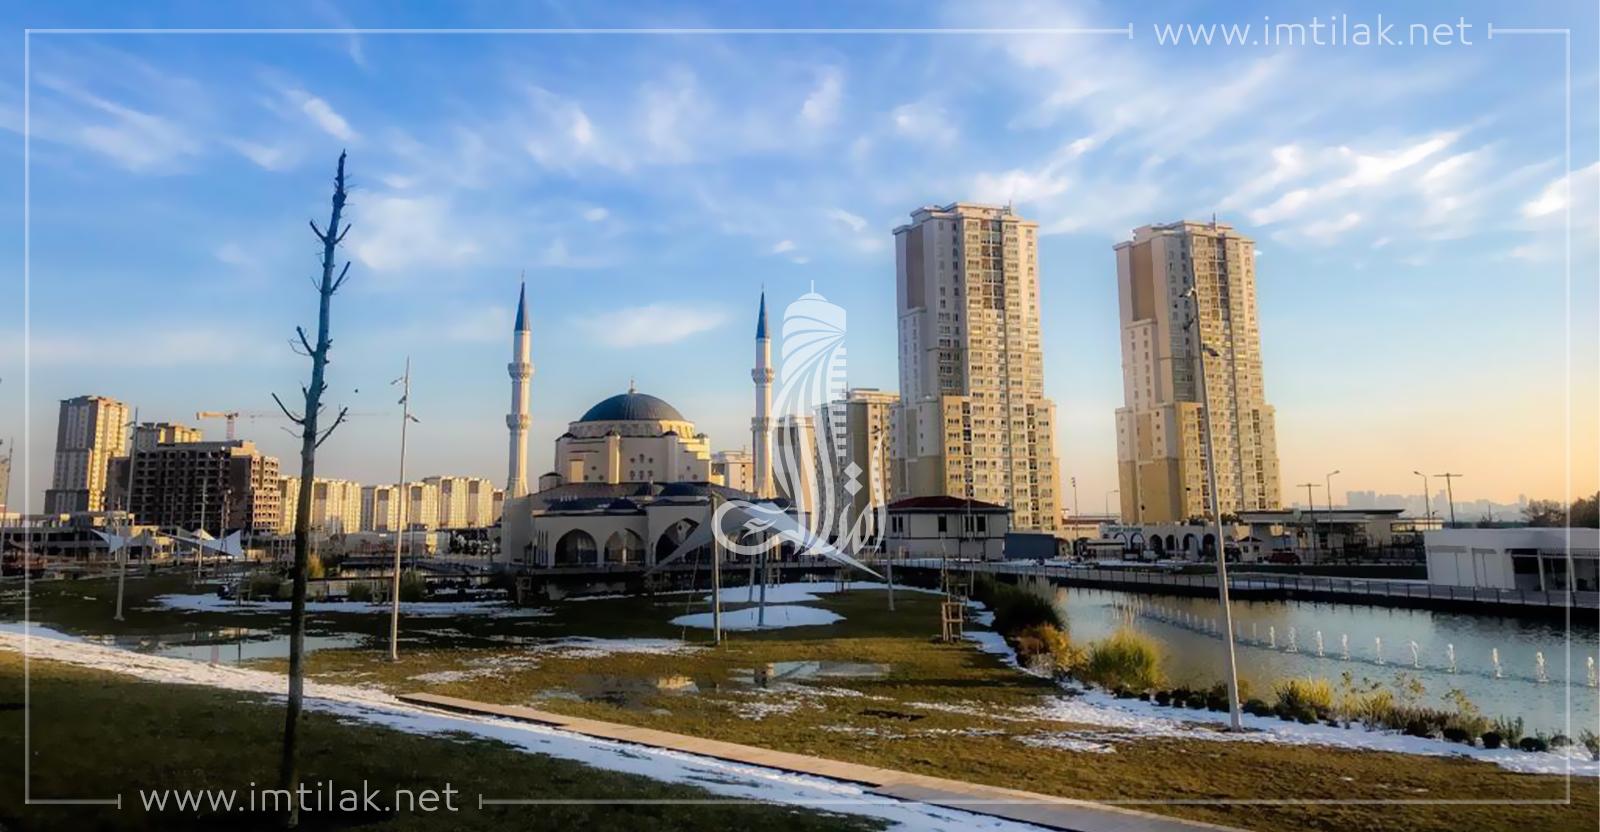 مجمع أوروبا بارك IMT - 205 - بهجة شهير اسطنبول